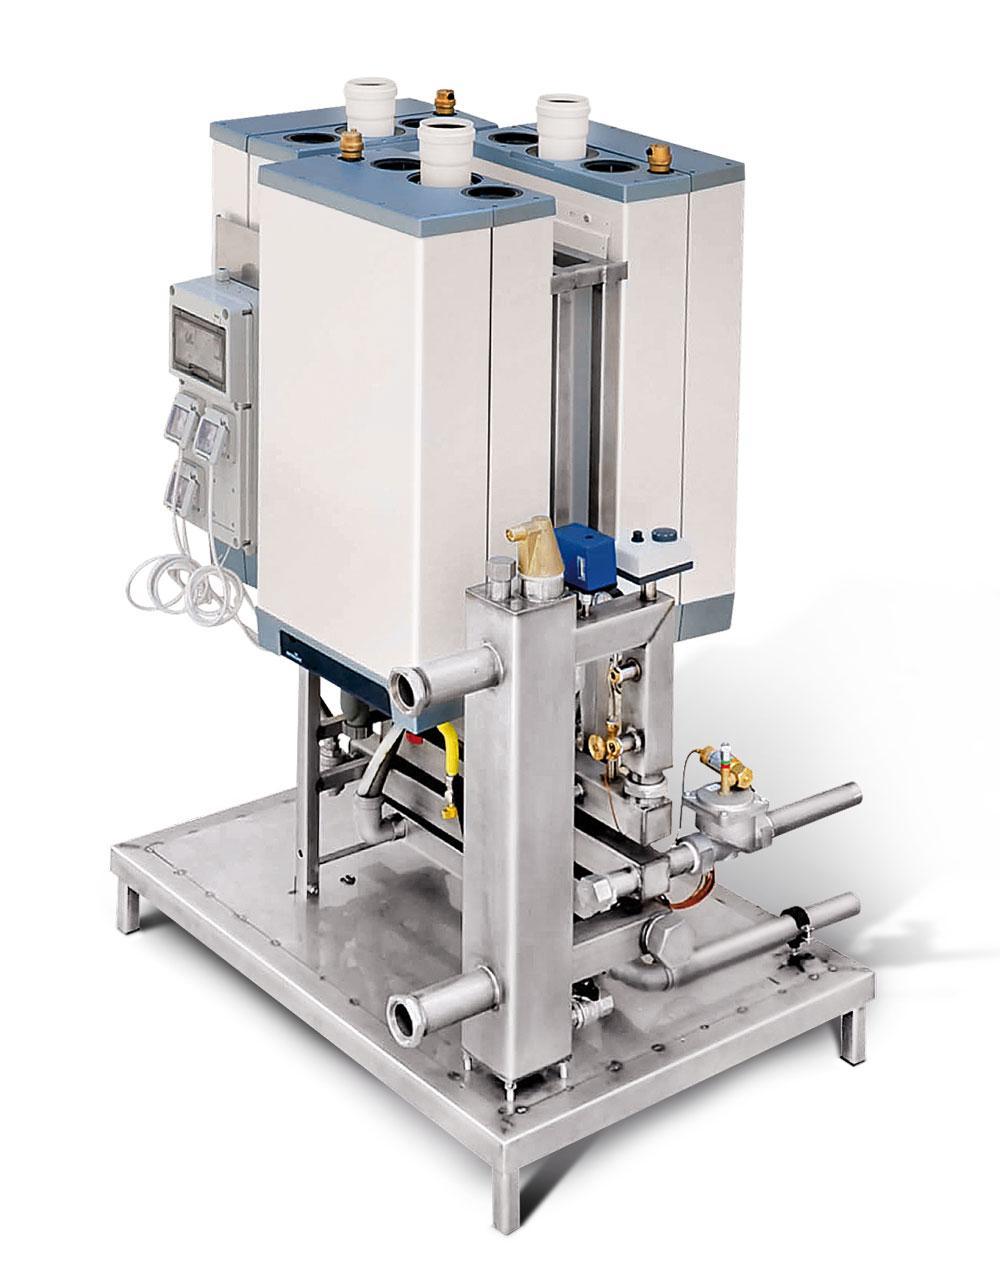 MODULO TERMICO Il MODULO TERMICO è realizzato assemblando due / tre generatori termici a condensazione INTERGAS tipo KOMPAKT SOLO HR 35/40